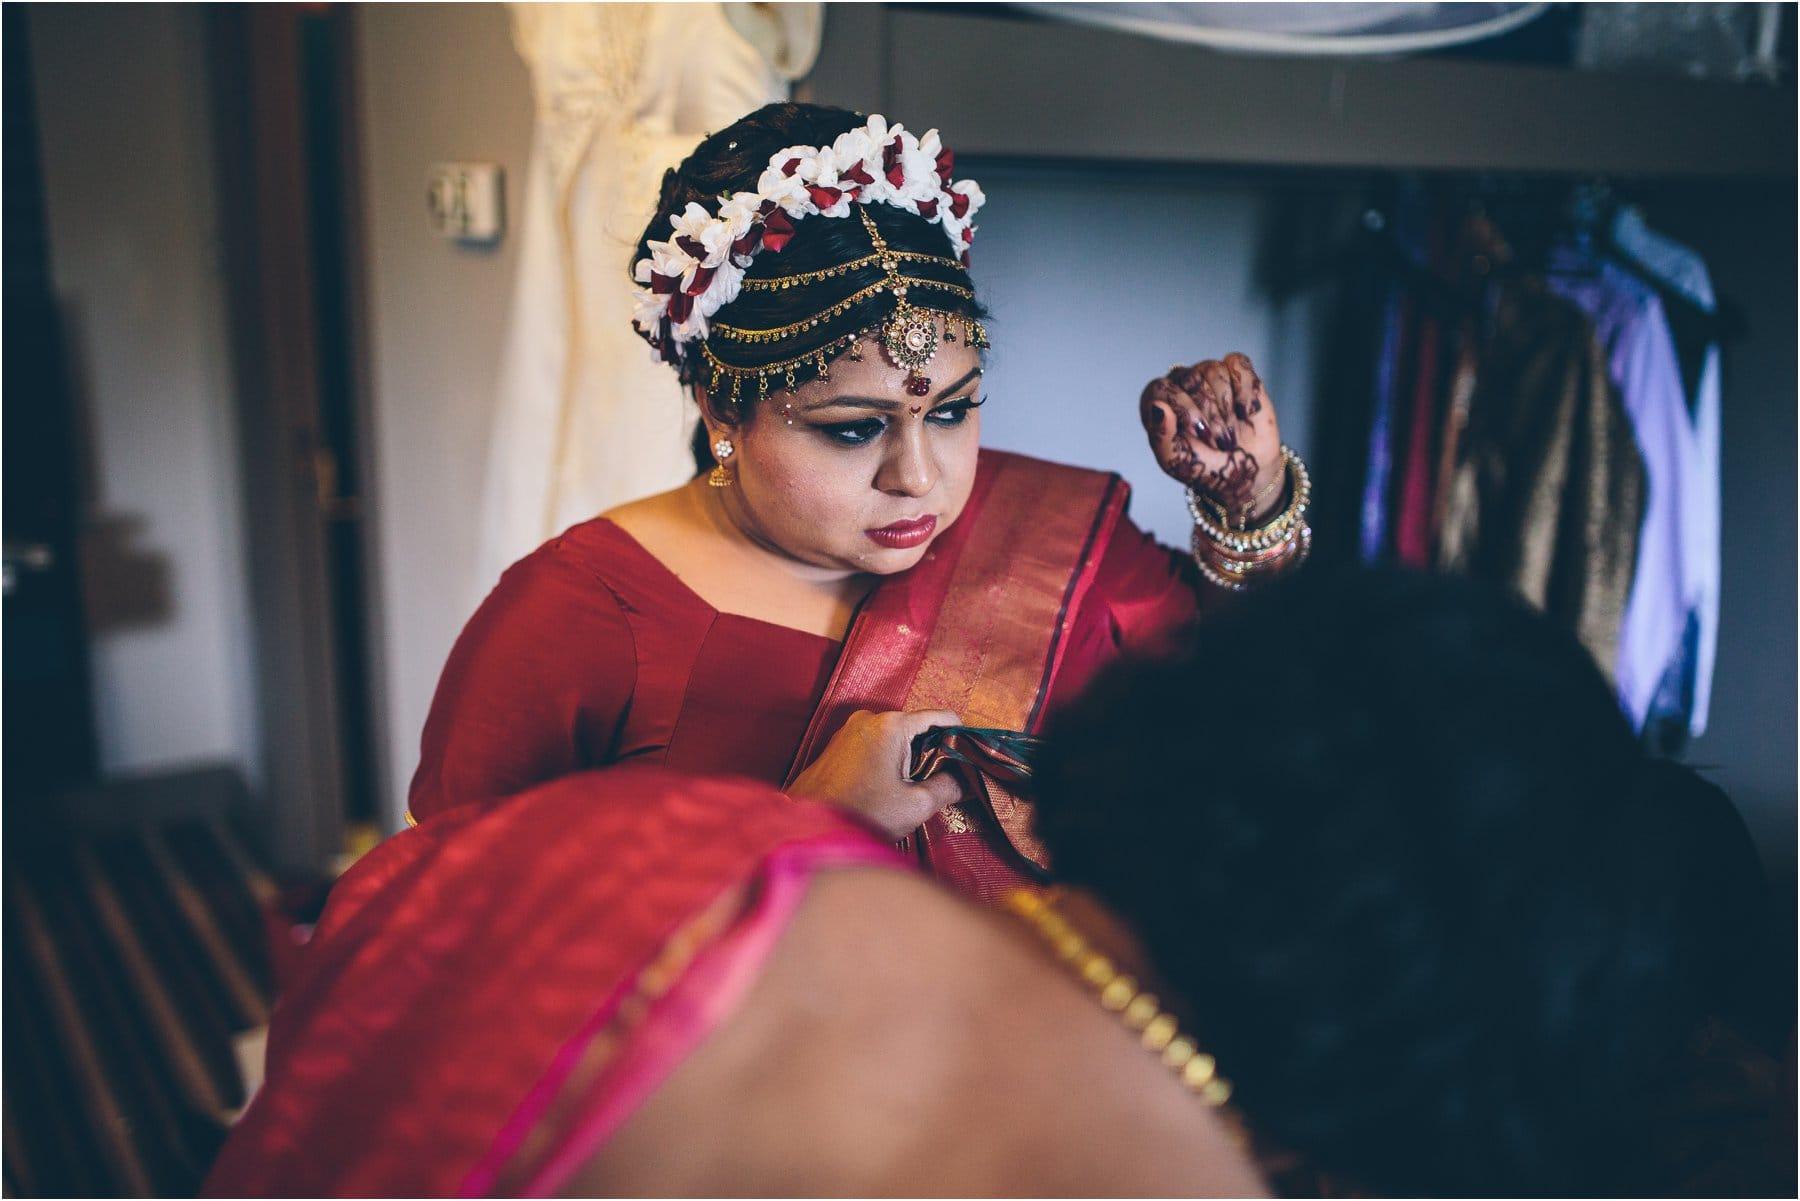 Lancashire_Indian_Wedding_Photography_0070